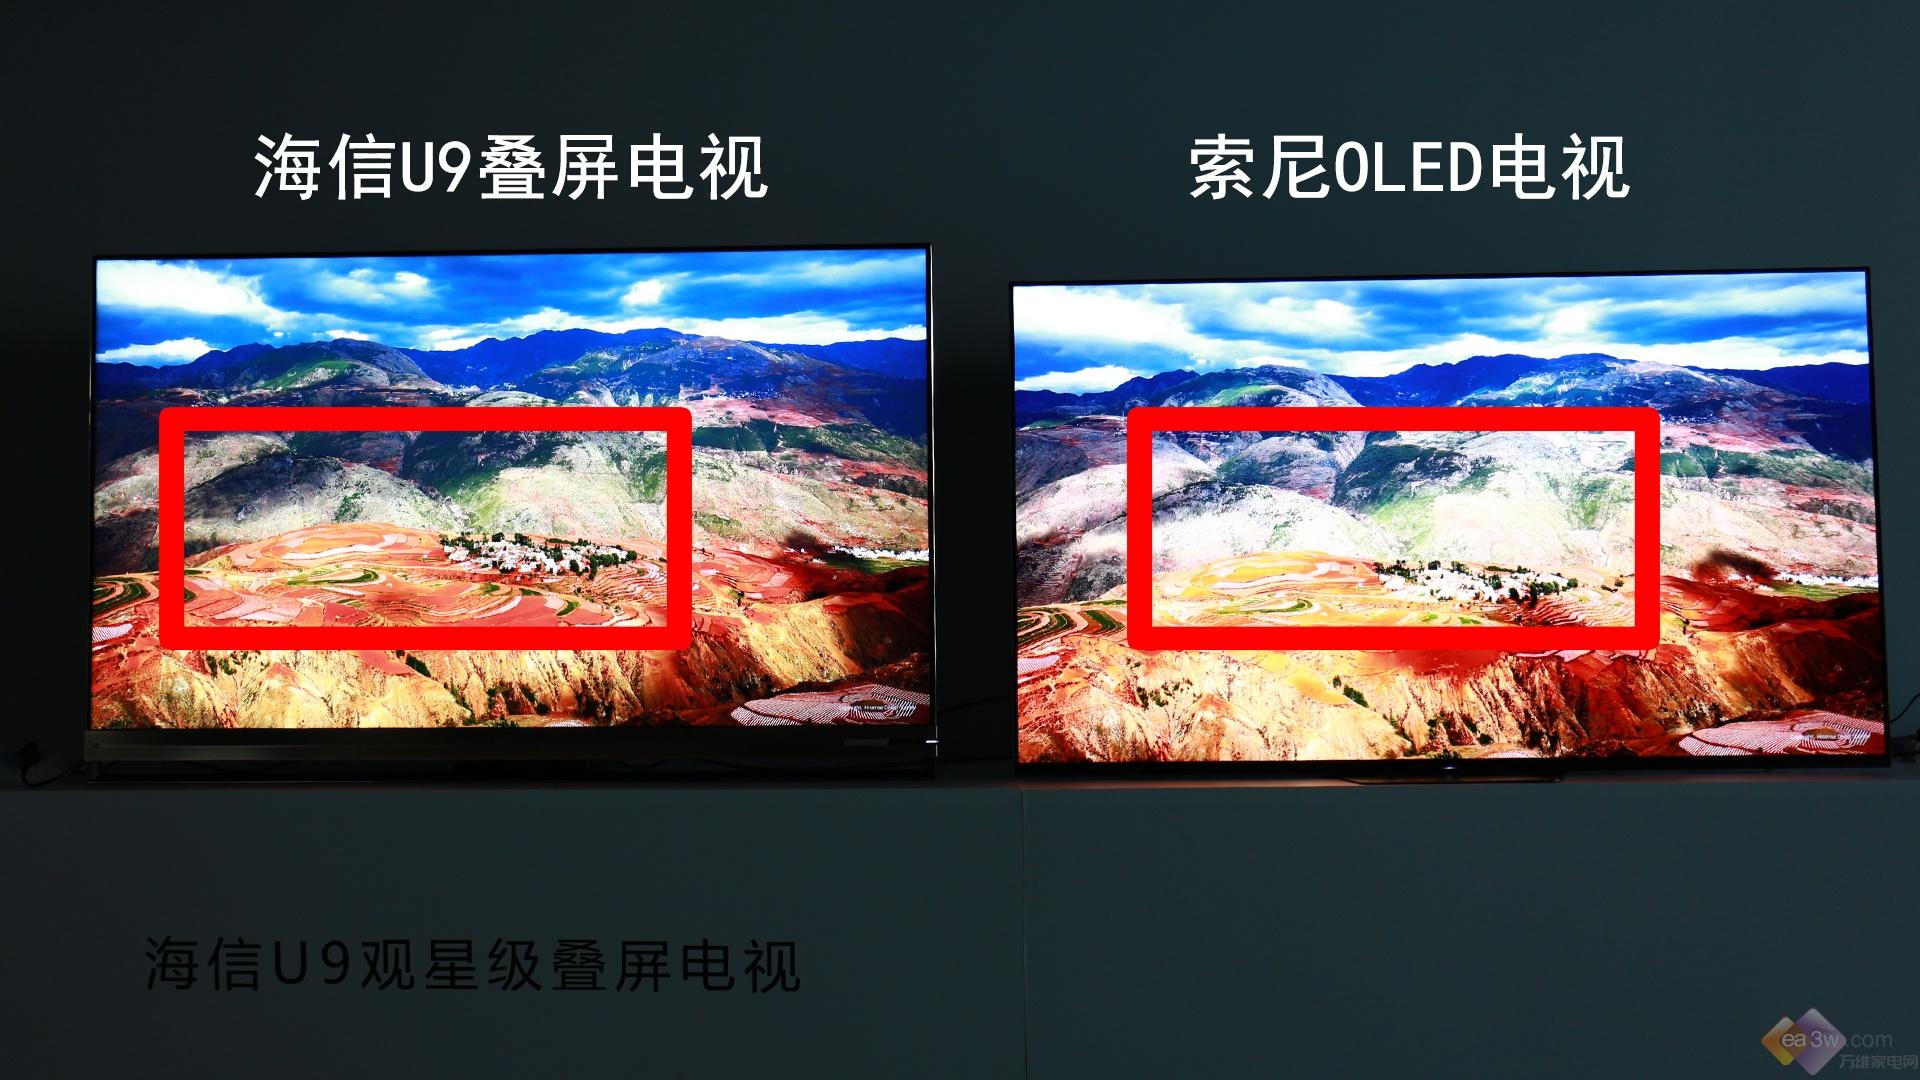 海信U9叠屏电视VS索尼OLED电视,谁才是画质之王?